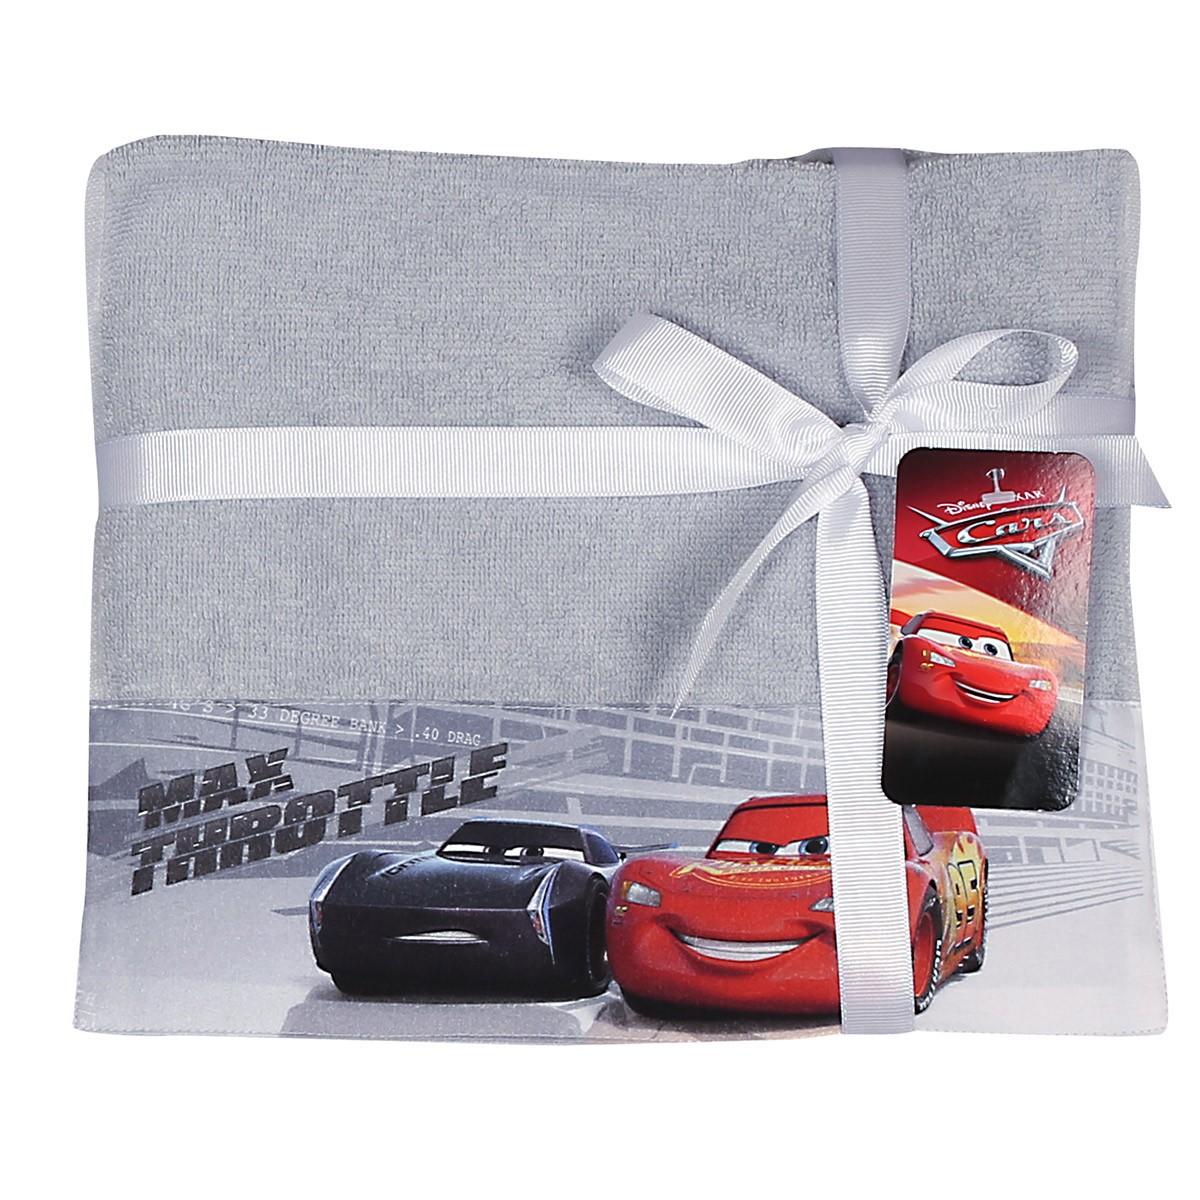 Πετσέτες Μπάνιου (Σετ 2τμχ) Nef-Nef Disney Cars Max Throttle 88895